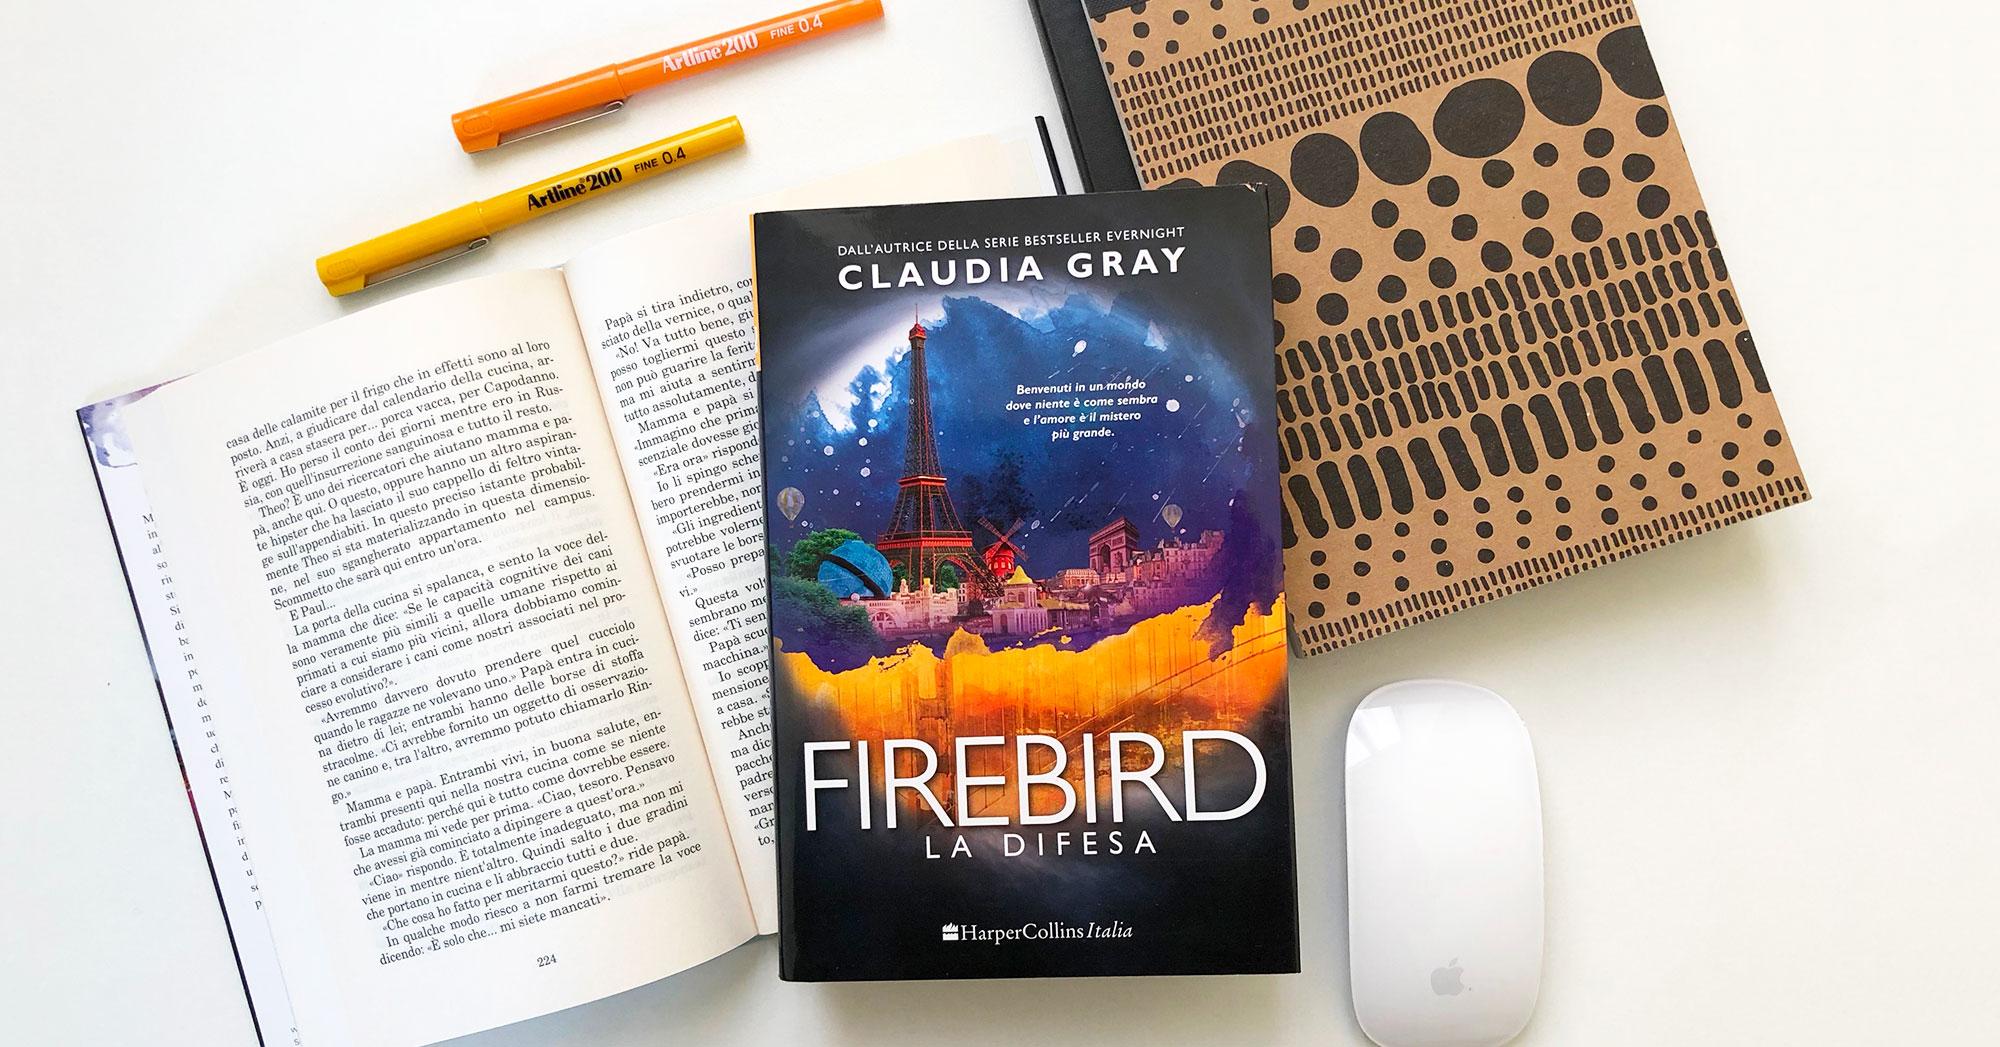 Firebird. La difesa